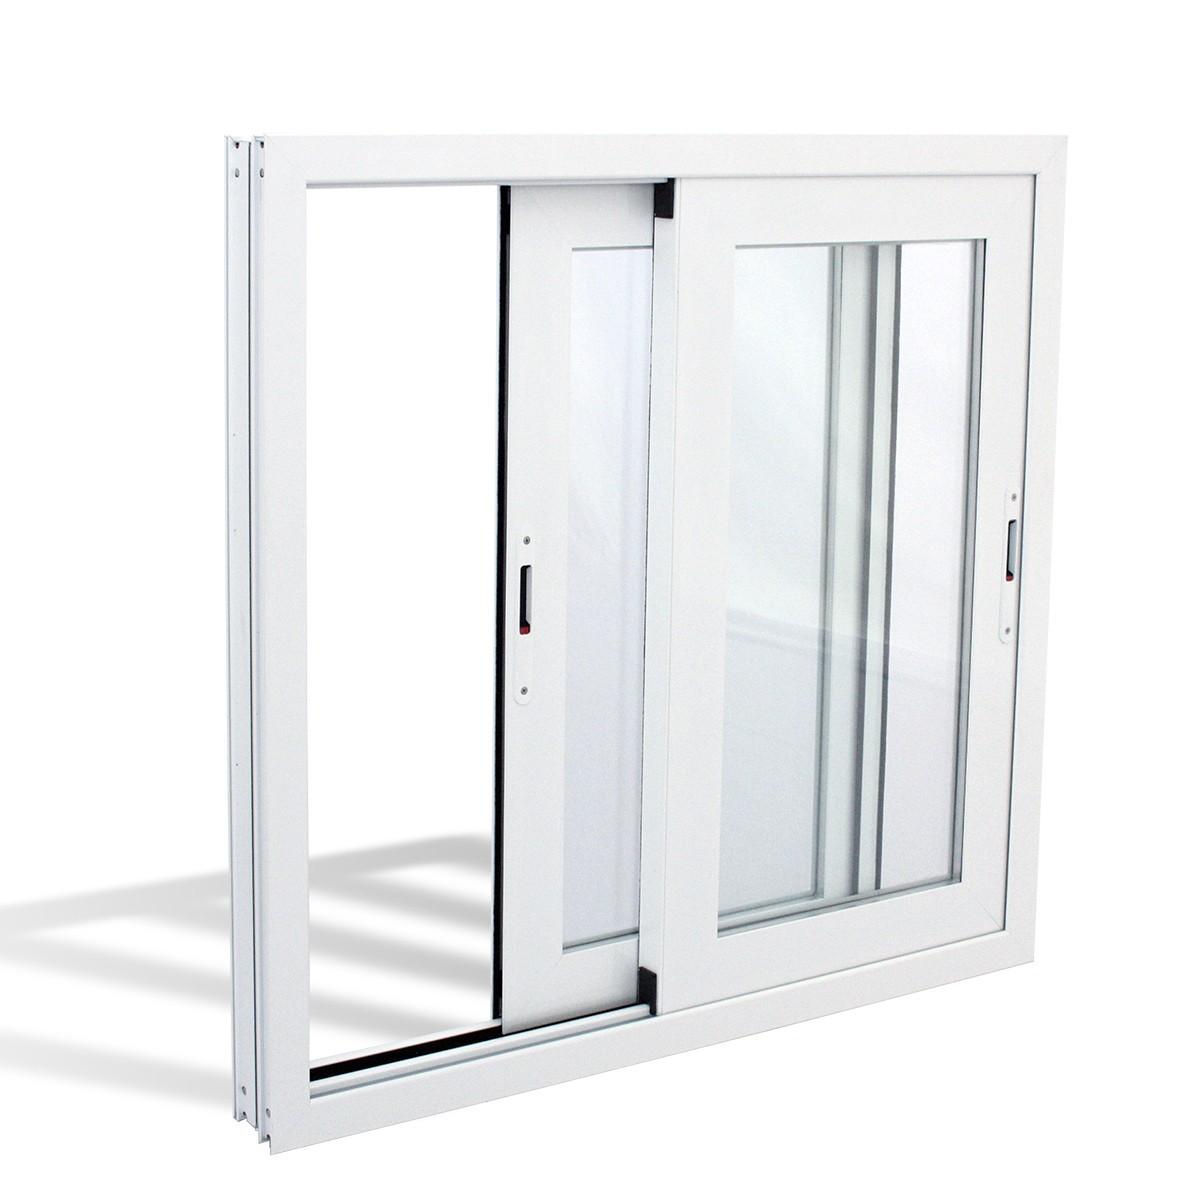 Caracter stiques de les finestres lliscants gremi de - Apartamentos dv barcelona ...